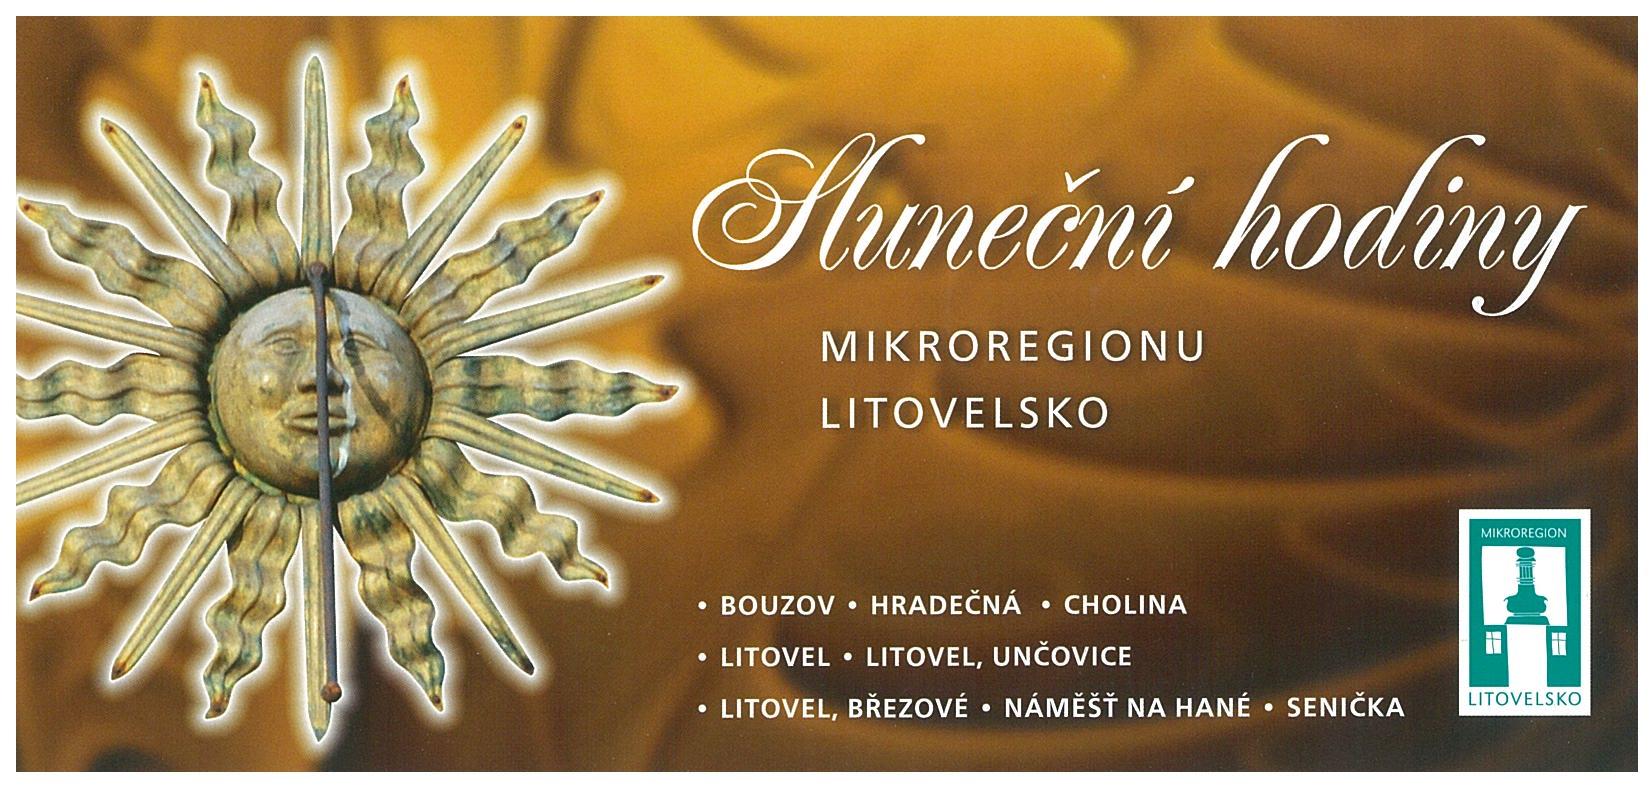 Sluneční hodiny Mikroregionu Litovelsko, obrázek se otevře v novém okně